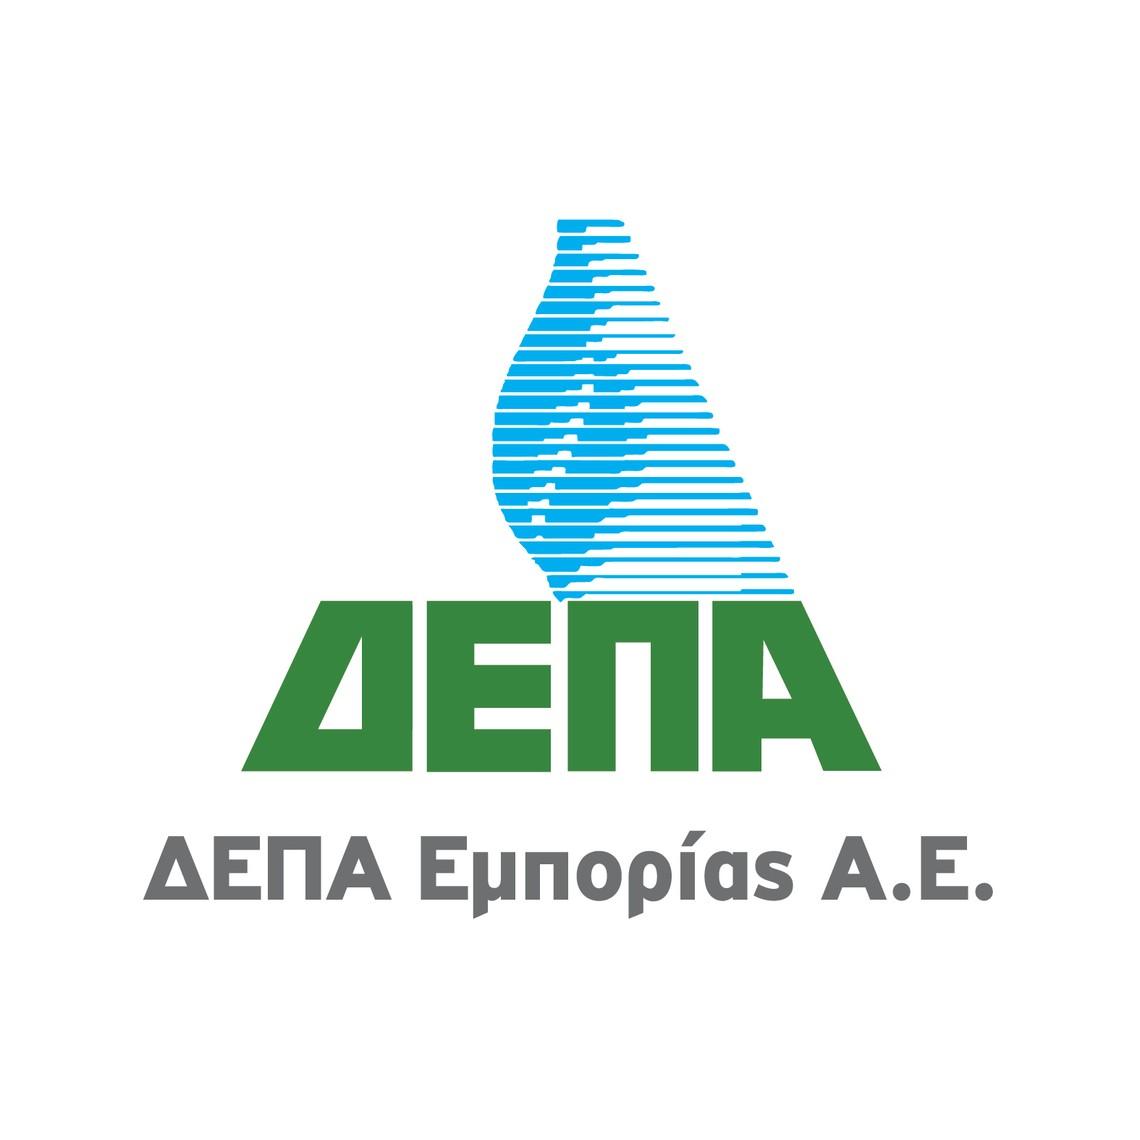 ΔΕΠΑ – Νέος Απολογισμός Βιωσιμότητας με βάση τα κριτήρια ESG